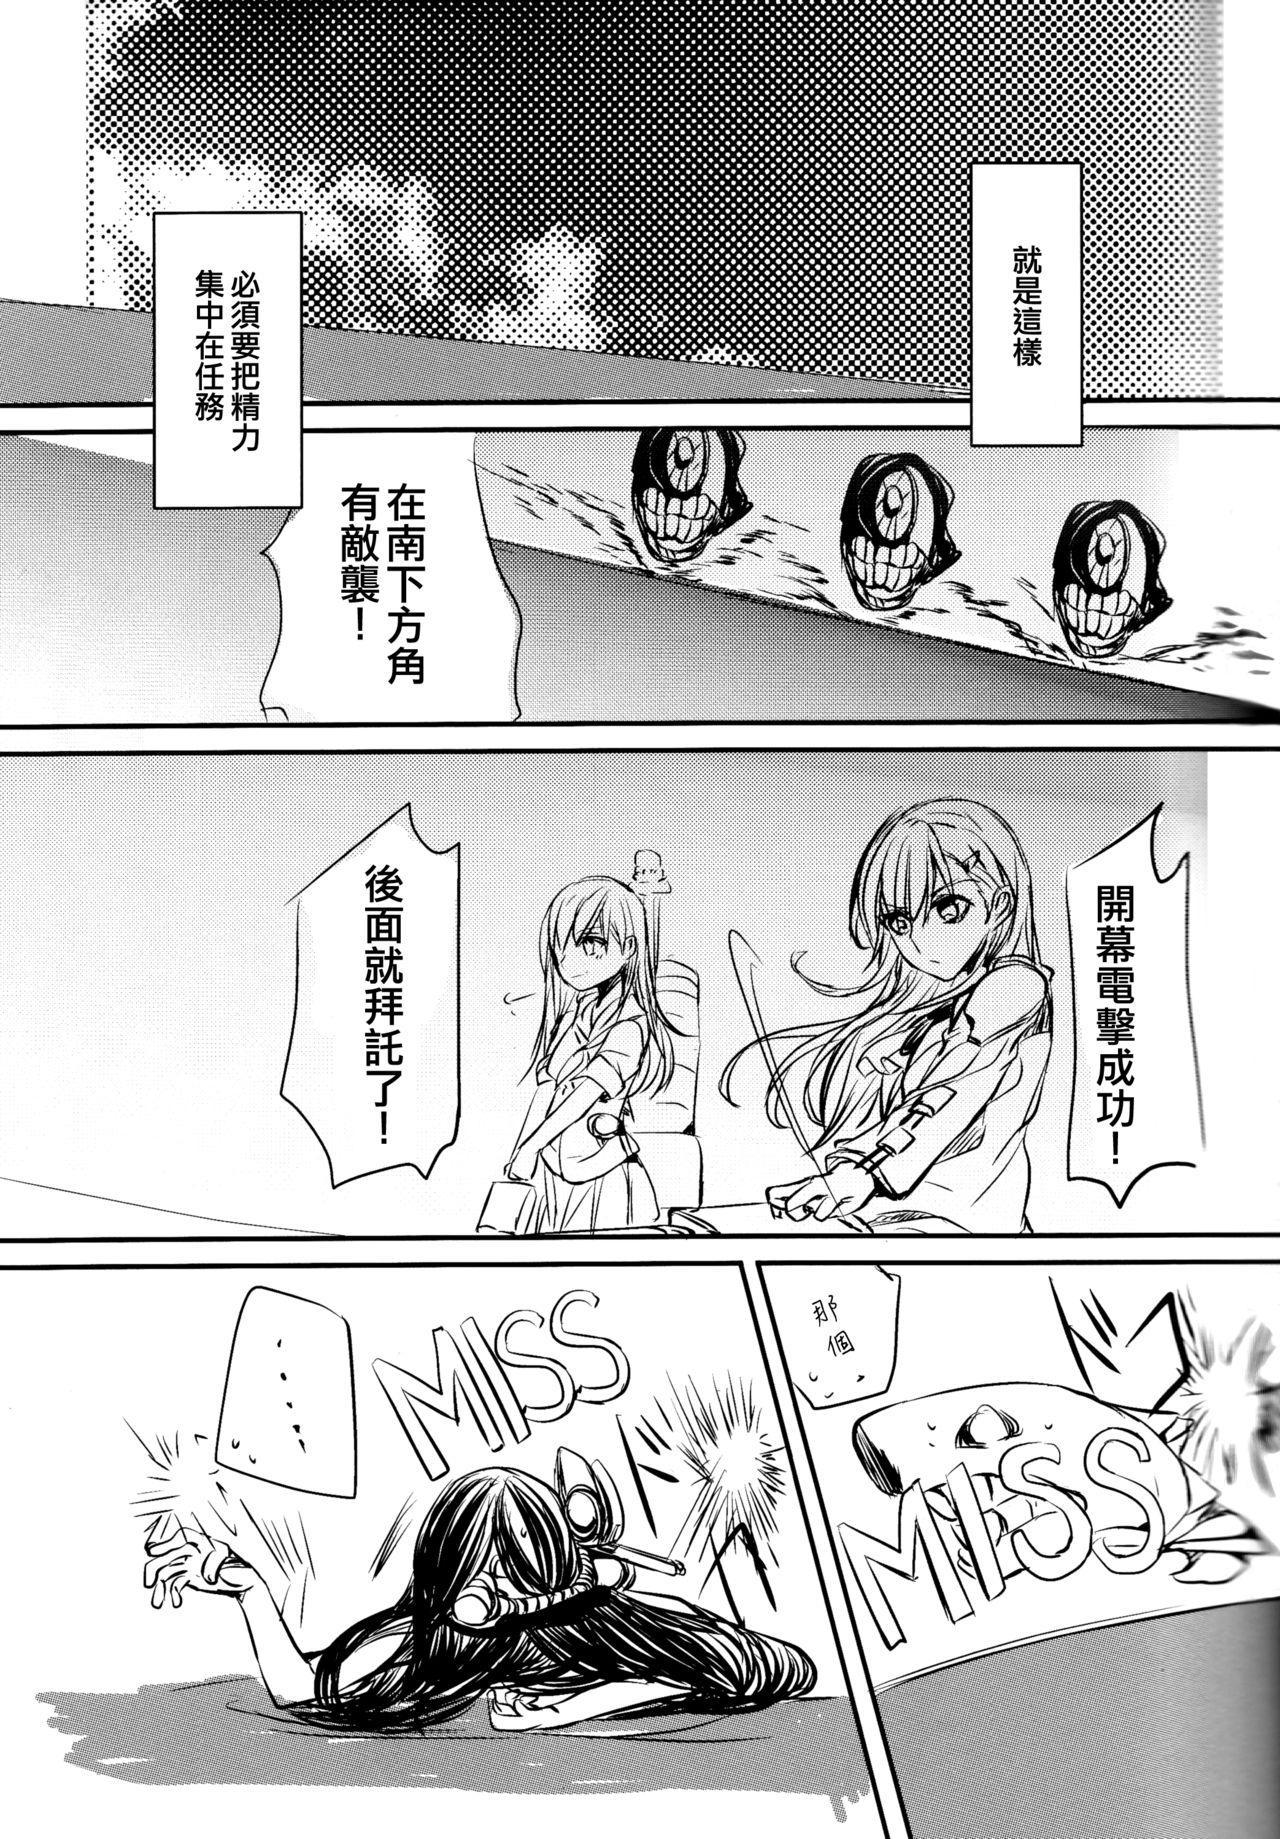 Koi wa Zenkei Shisei 5